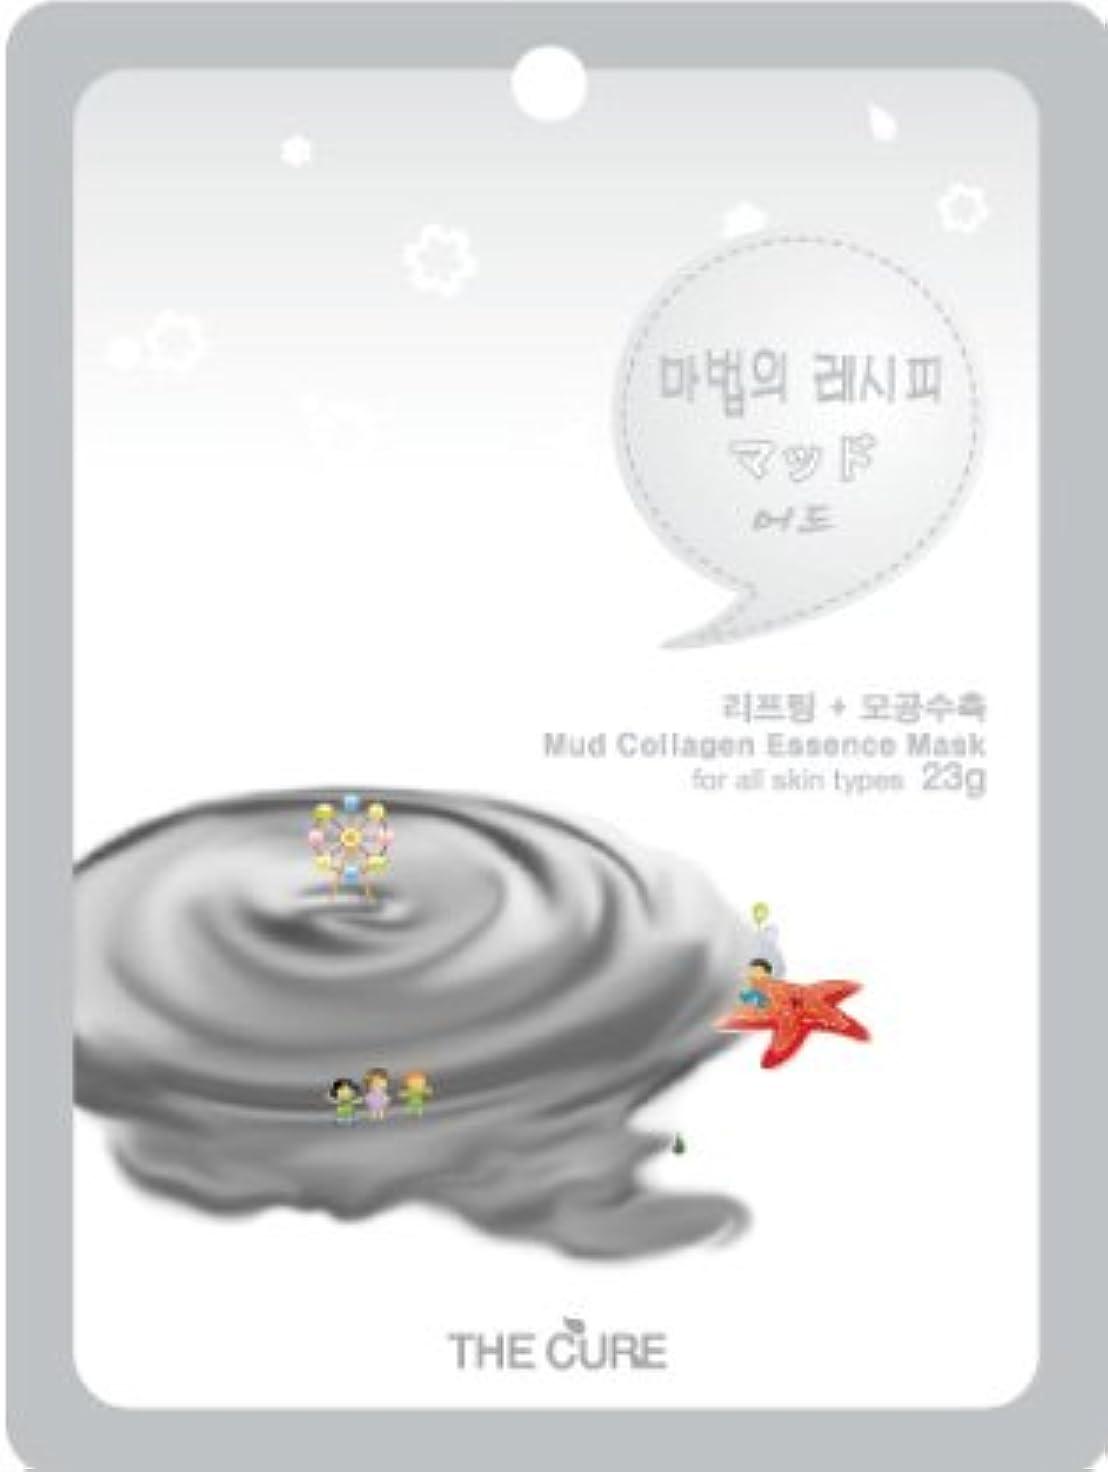 ベルト直感狭いマッド コラーゲン エッセンス マスク THE CURE シート パック 10枚セット 韓国 コスメ 乾燥肌 オイリー肌 混合肌